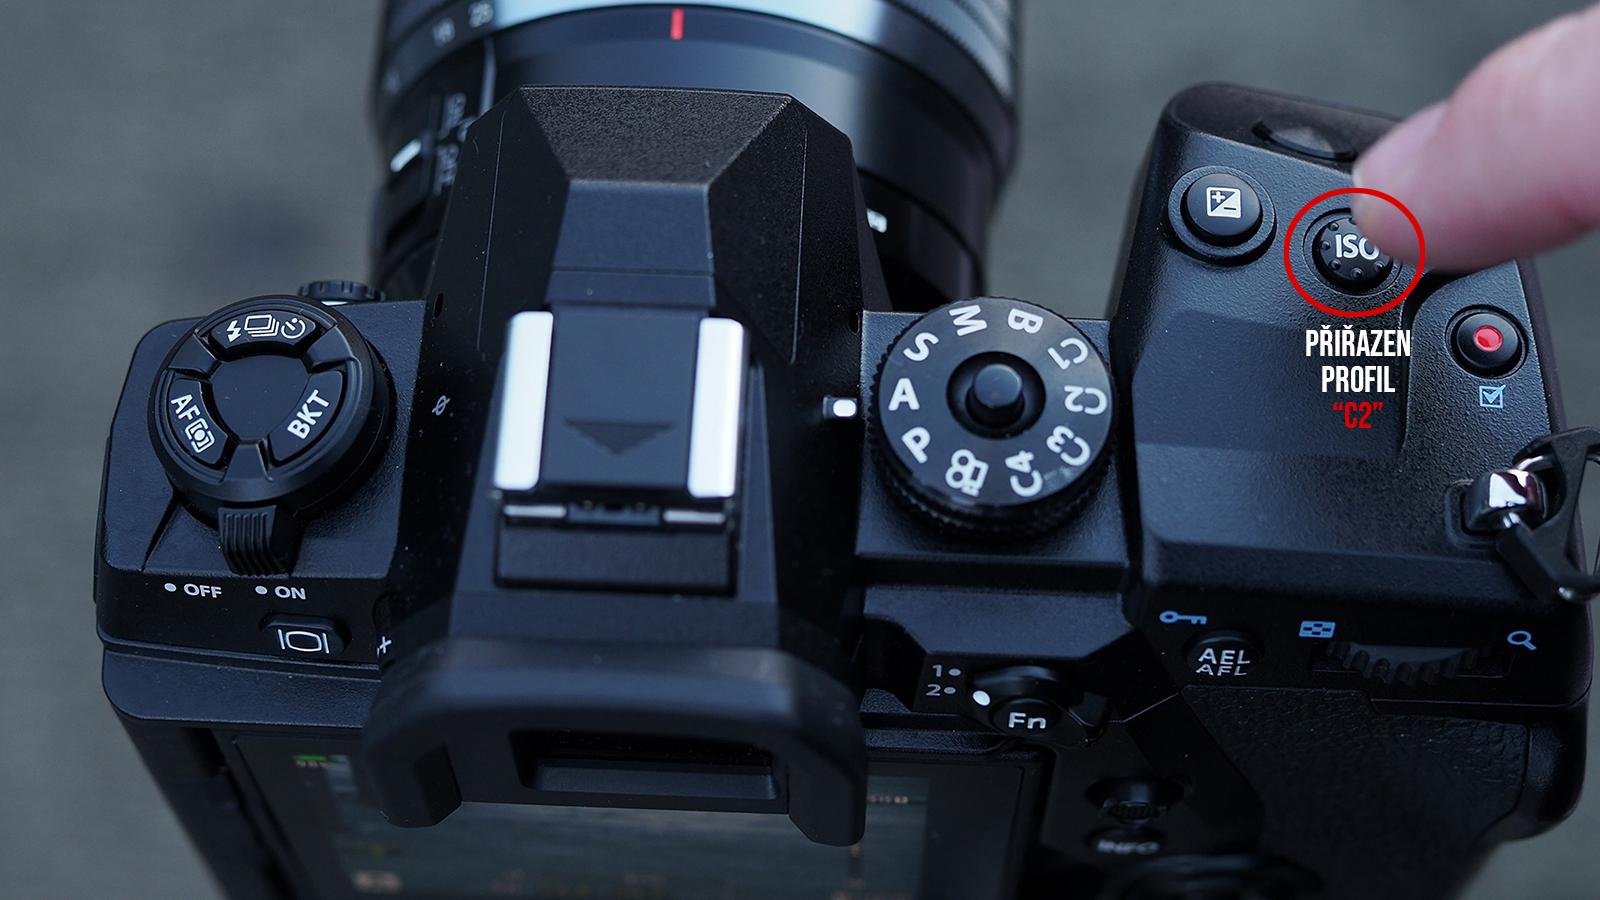 """Jedním stisknutím se foťák přepne do režimu """"ND filtr"""", druhým do standardního režimu"""